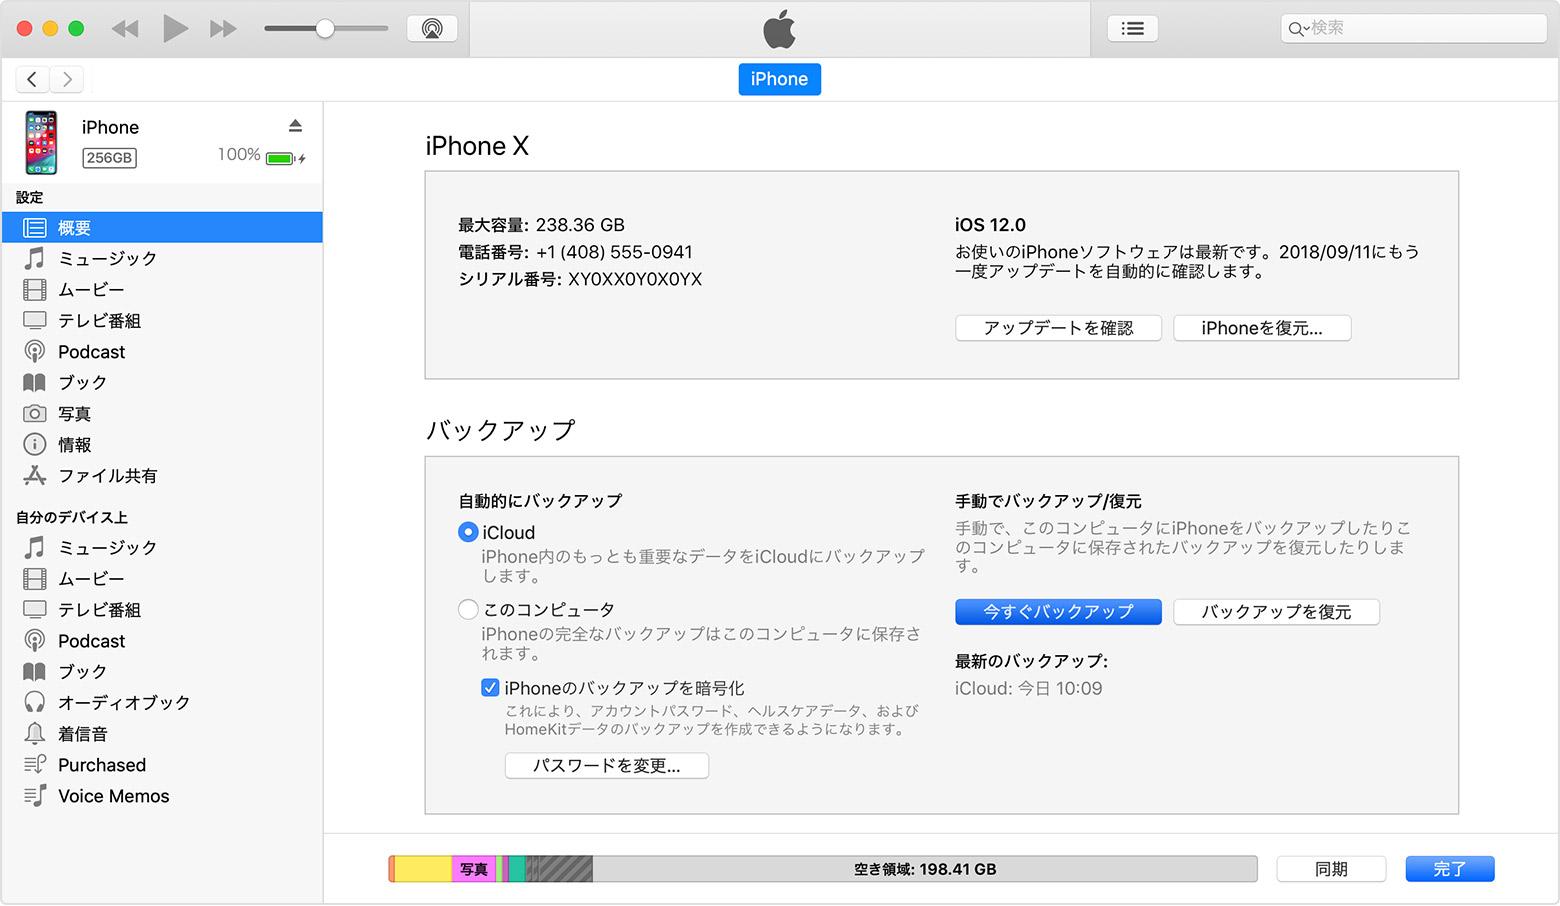 iTunes の「概要」パネル